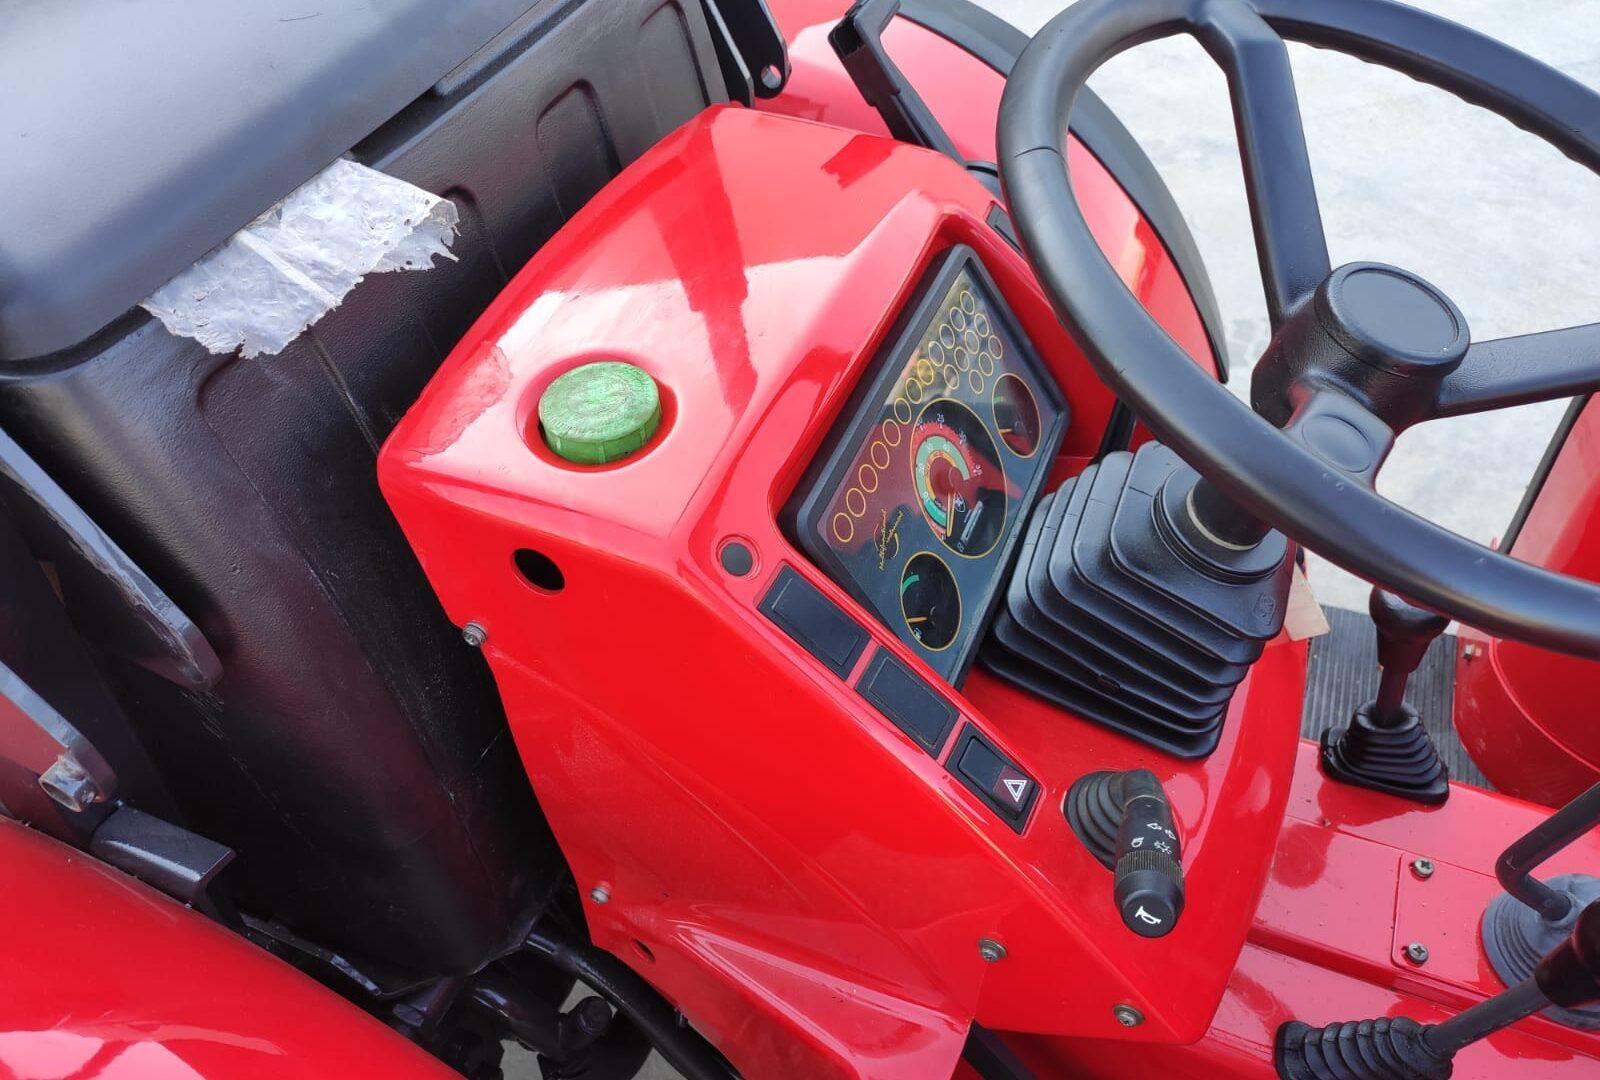 particolare dello sterzo del trattore Antonio Carraro usato modello TGF 9400 turbo 5